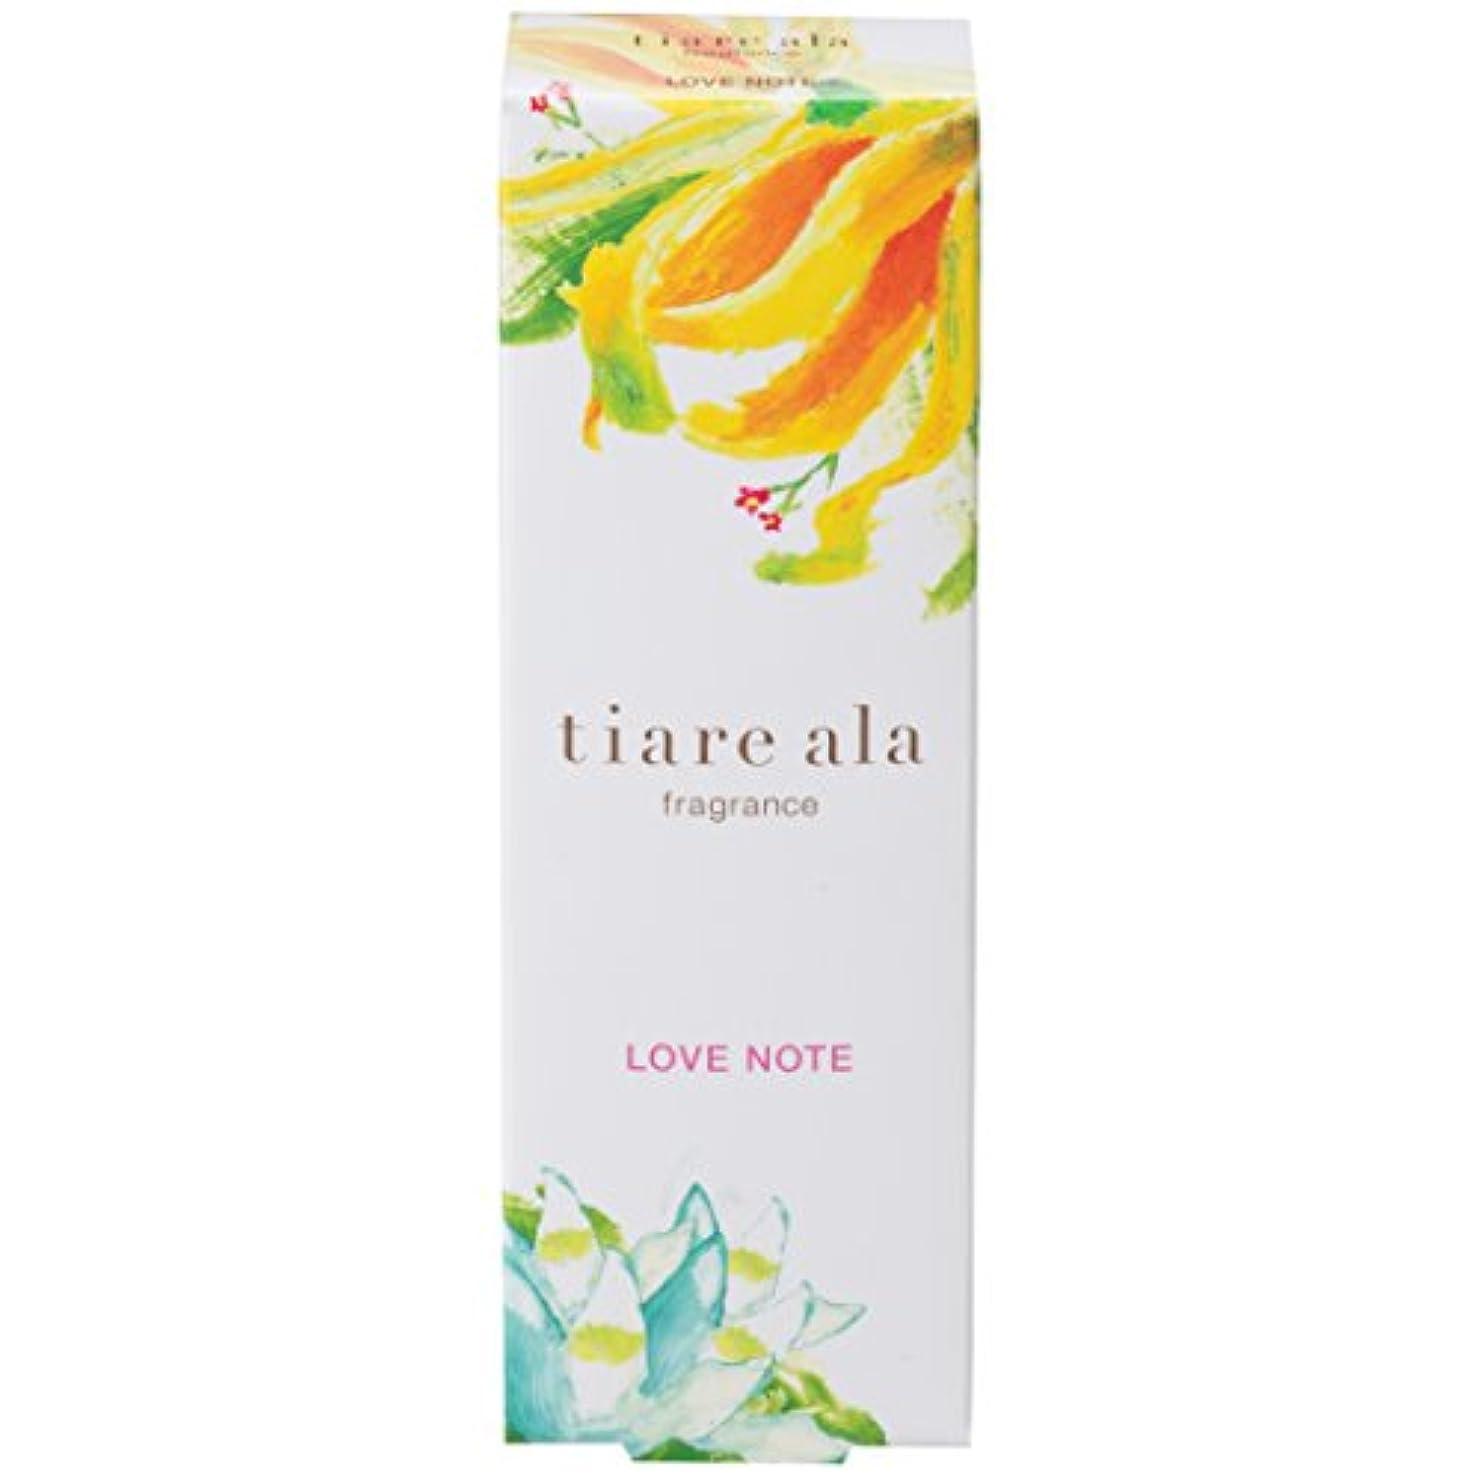 インディカ塩辛いささいなティアレアーラ フレグランス ラブノート 〈ネロリ & イランイランの香り〉 (14.5mL)